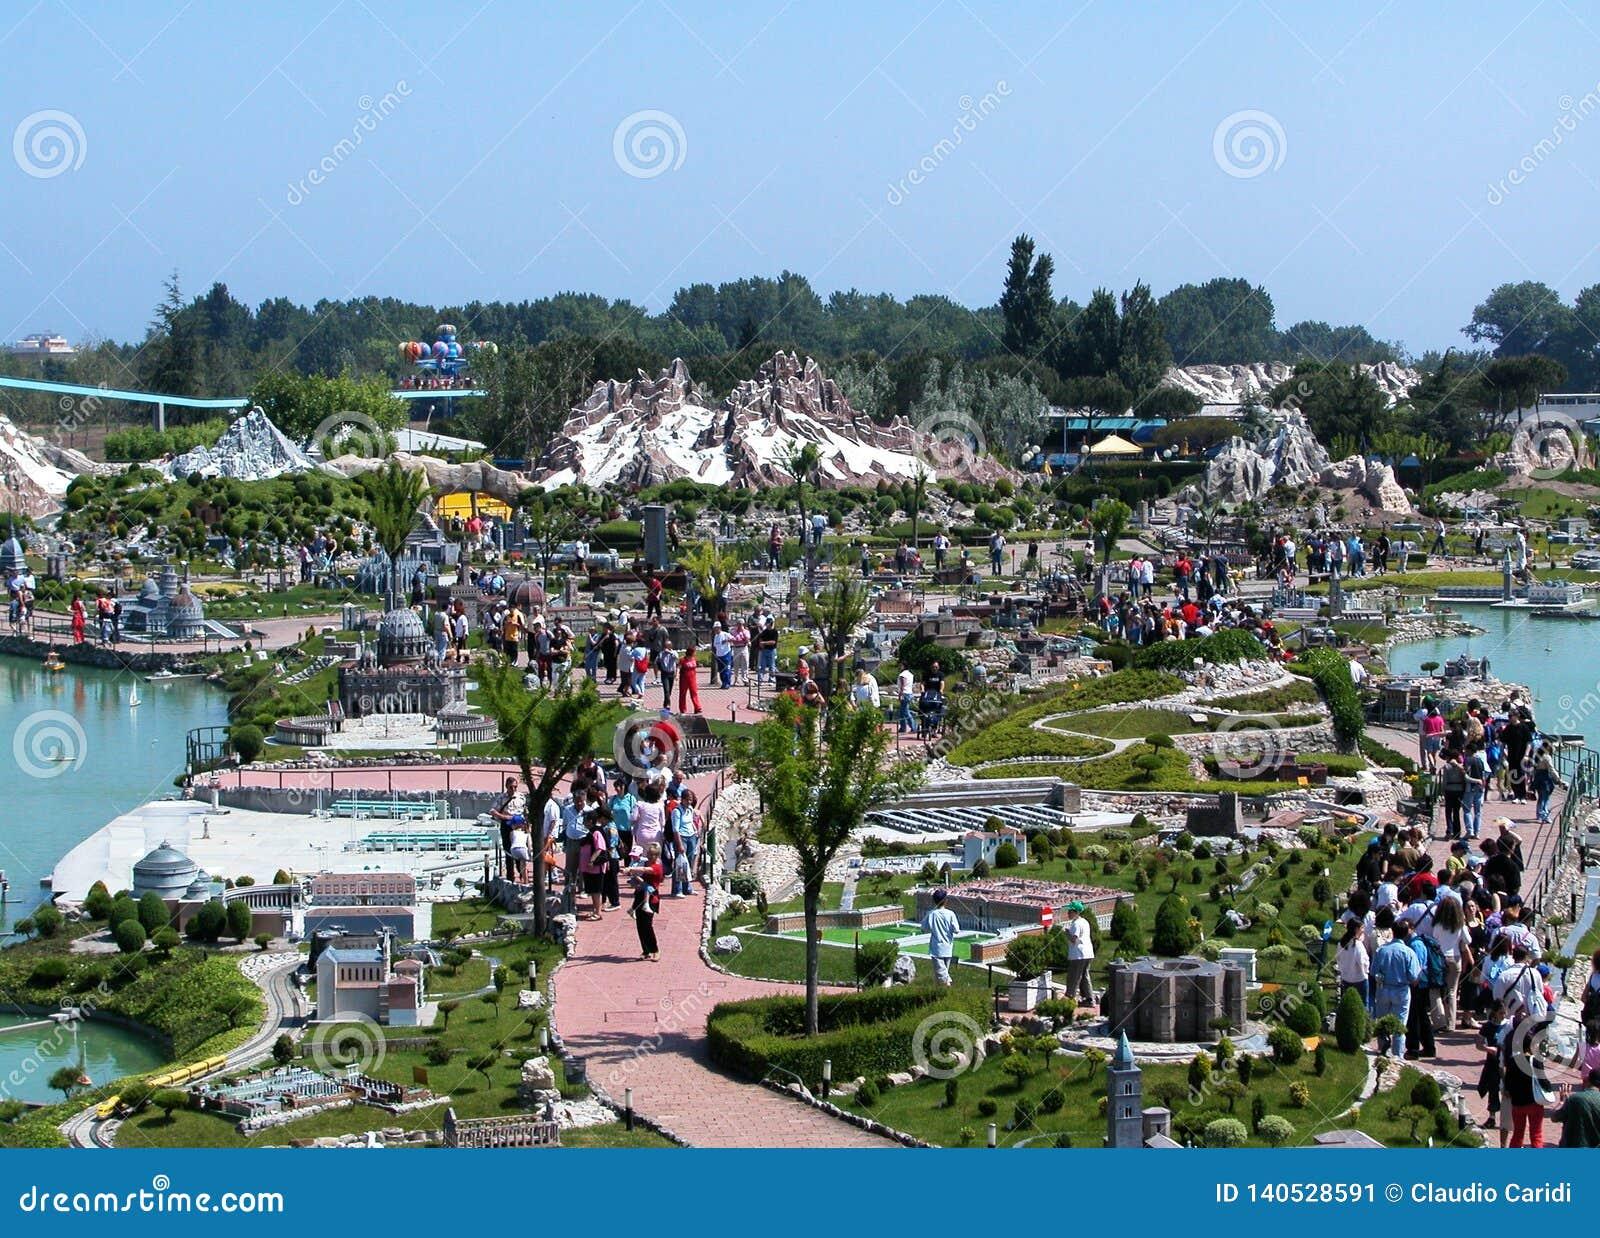 """Vista panoramica del parco a tema """"Italia in miniatura """"Italia in miniatura Viserba, Rimini, Italia"""